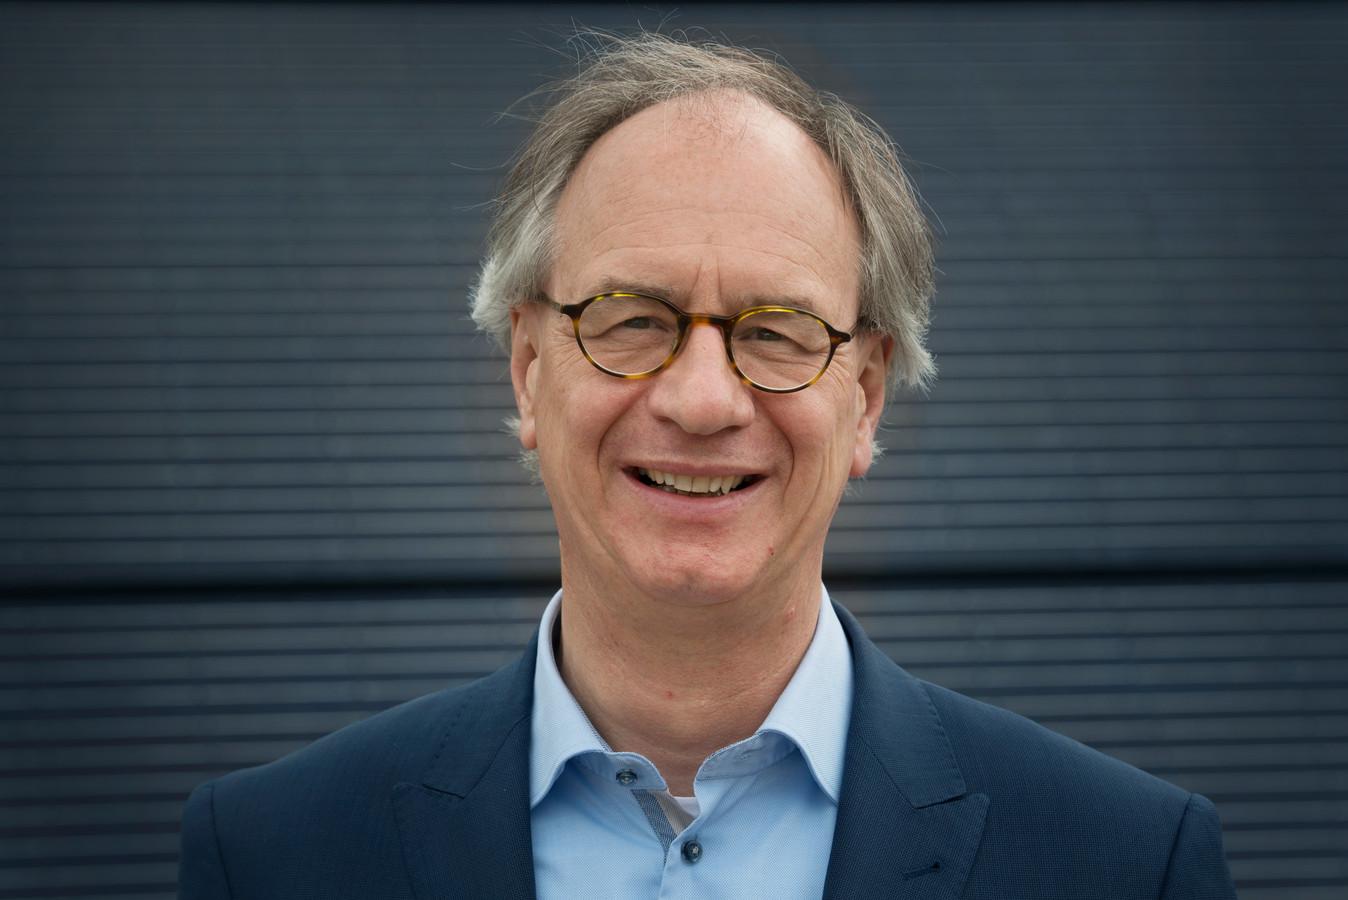 Paul Stassen